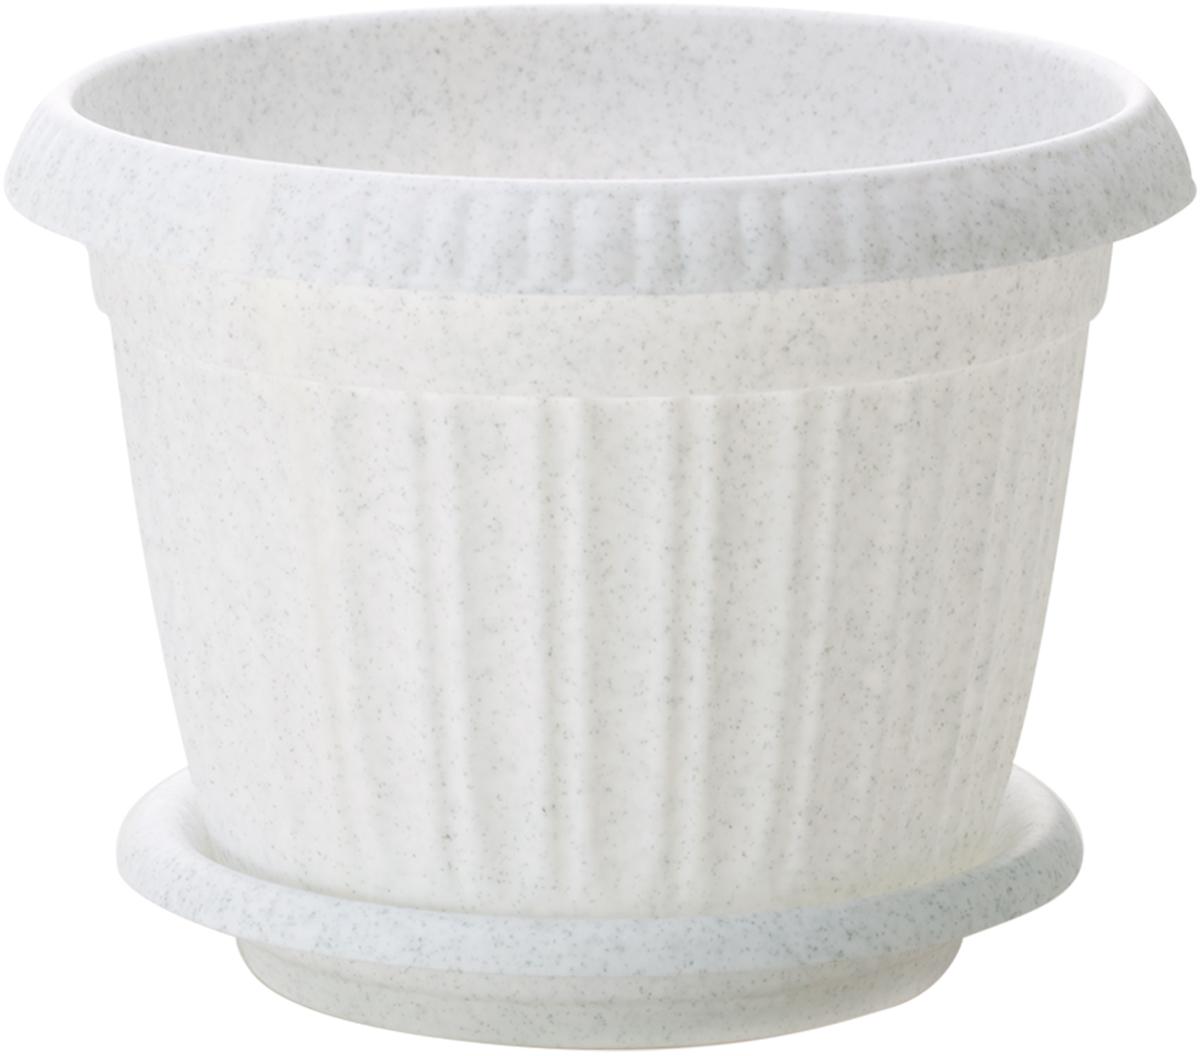 Горшок для цветов InGreen Таити, с подставкой, цвет: мраморный, диаметр 16 смZ-0307Горшок InGreen Таити выполнен из высококачественного полипропилена (пластика) и предназначен для выращивания цветов, растений и трав. Снабжен подставкой для стока воды.Такой горшок порадует вас функциональностью, а благодаря лаконичному дизайну впишется в любой интерьер помещения.Диаметр горшка (по верхнему краю): 16 см. Высота горшка: 12,4 см.